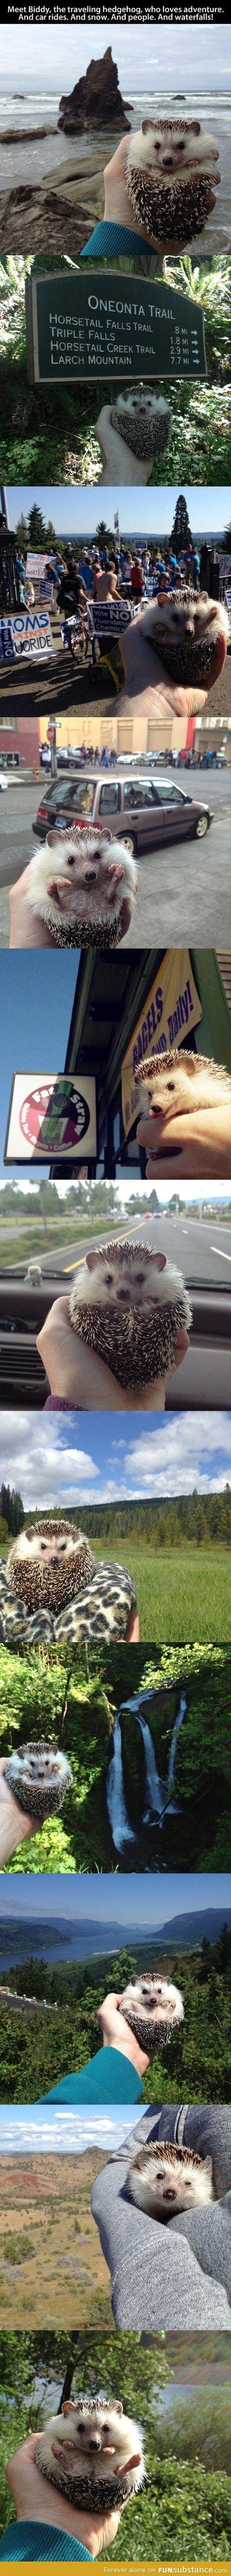 Adventurous hedgehog